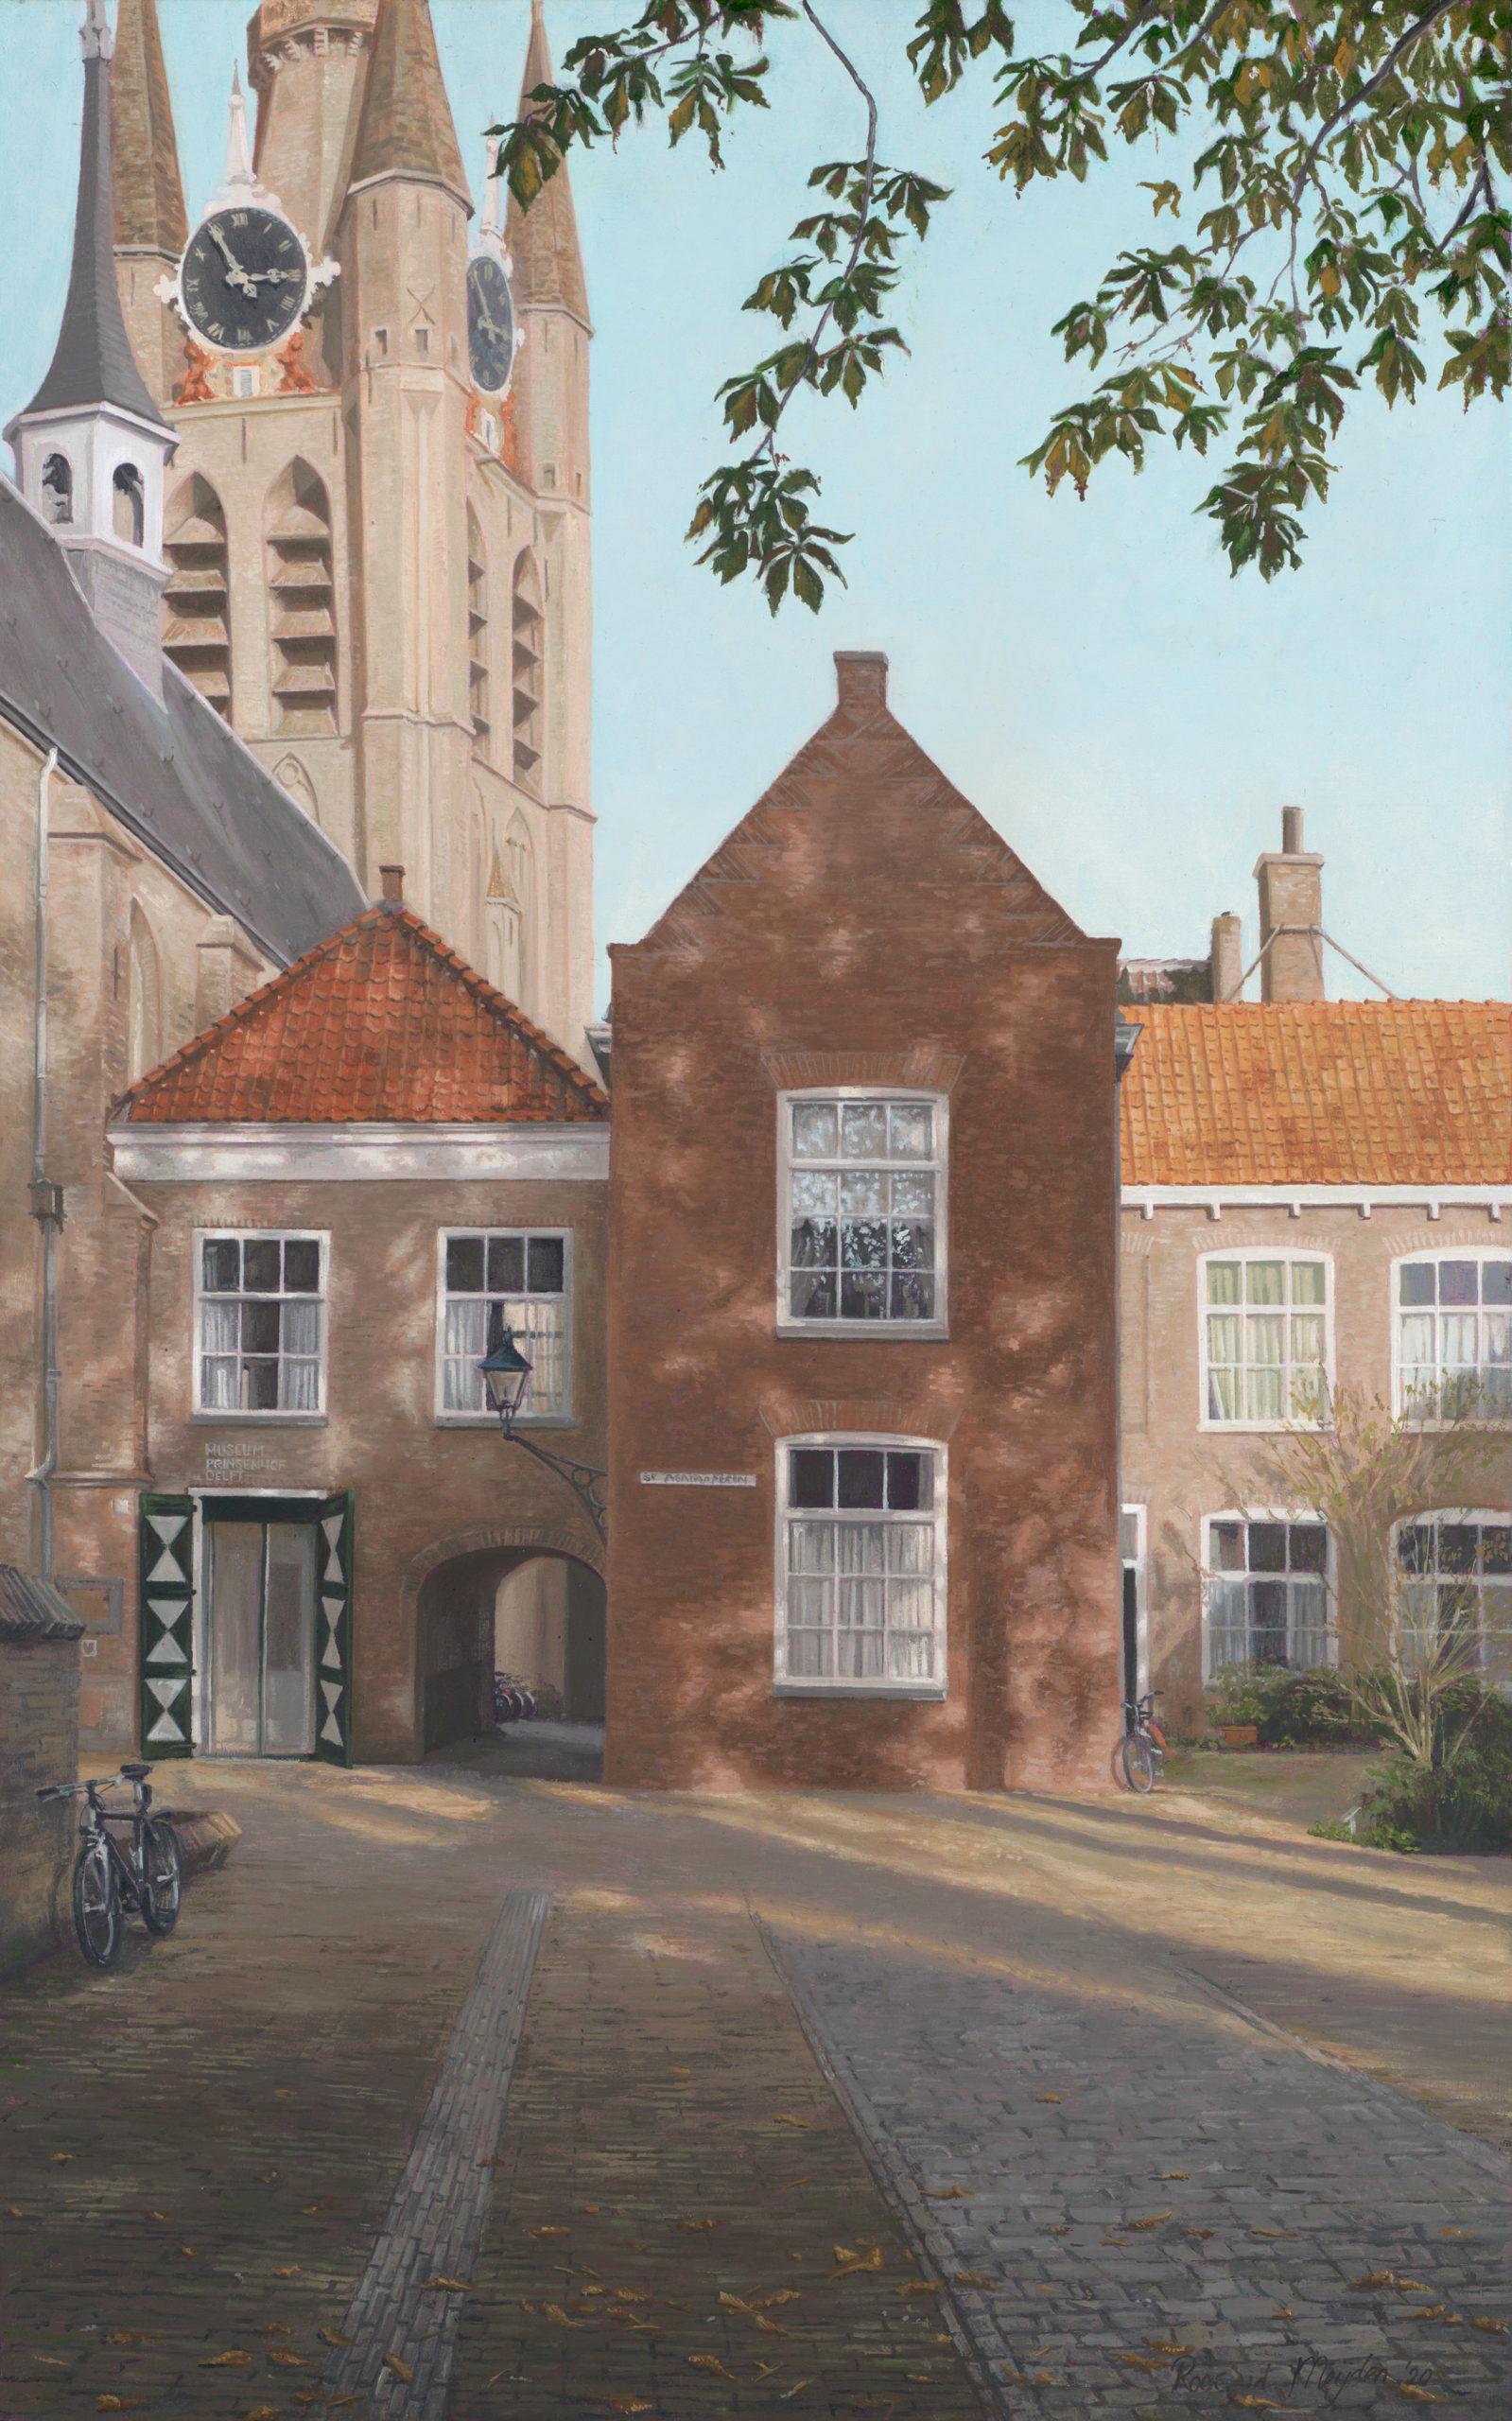 Prinsenhof Delft © Roos van der Meijden